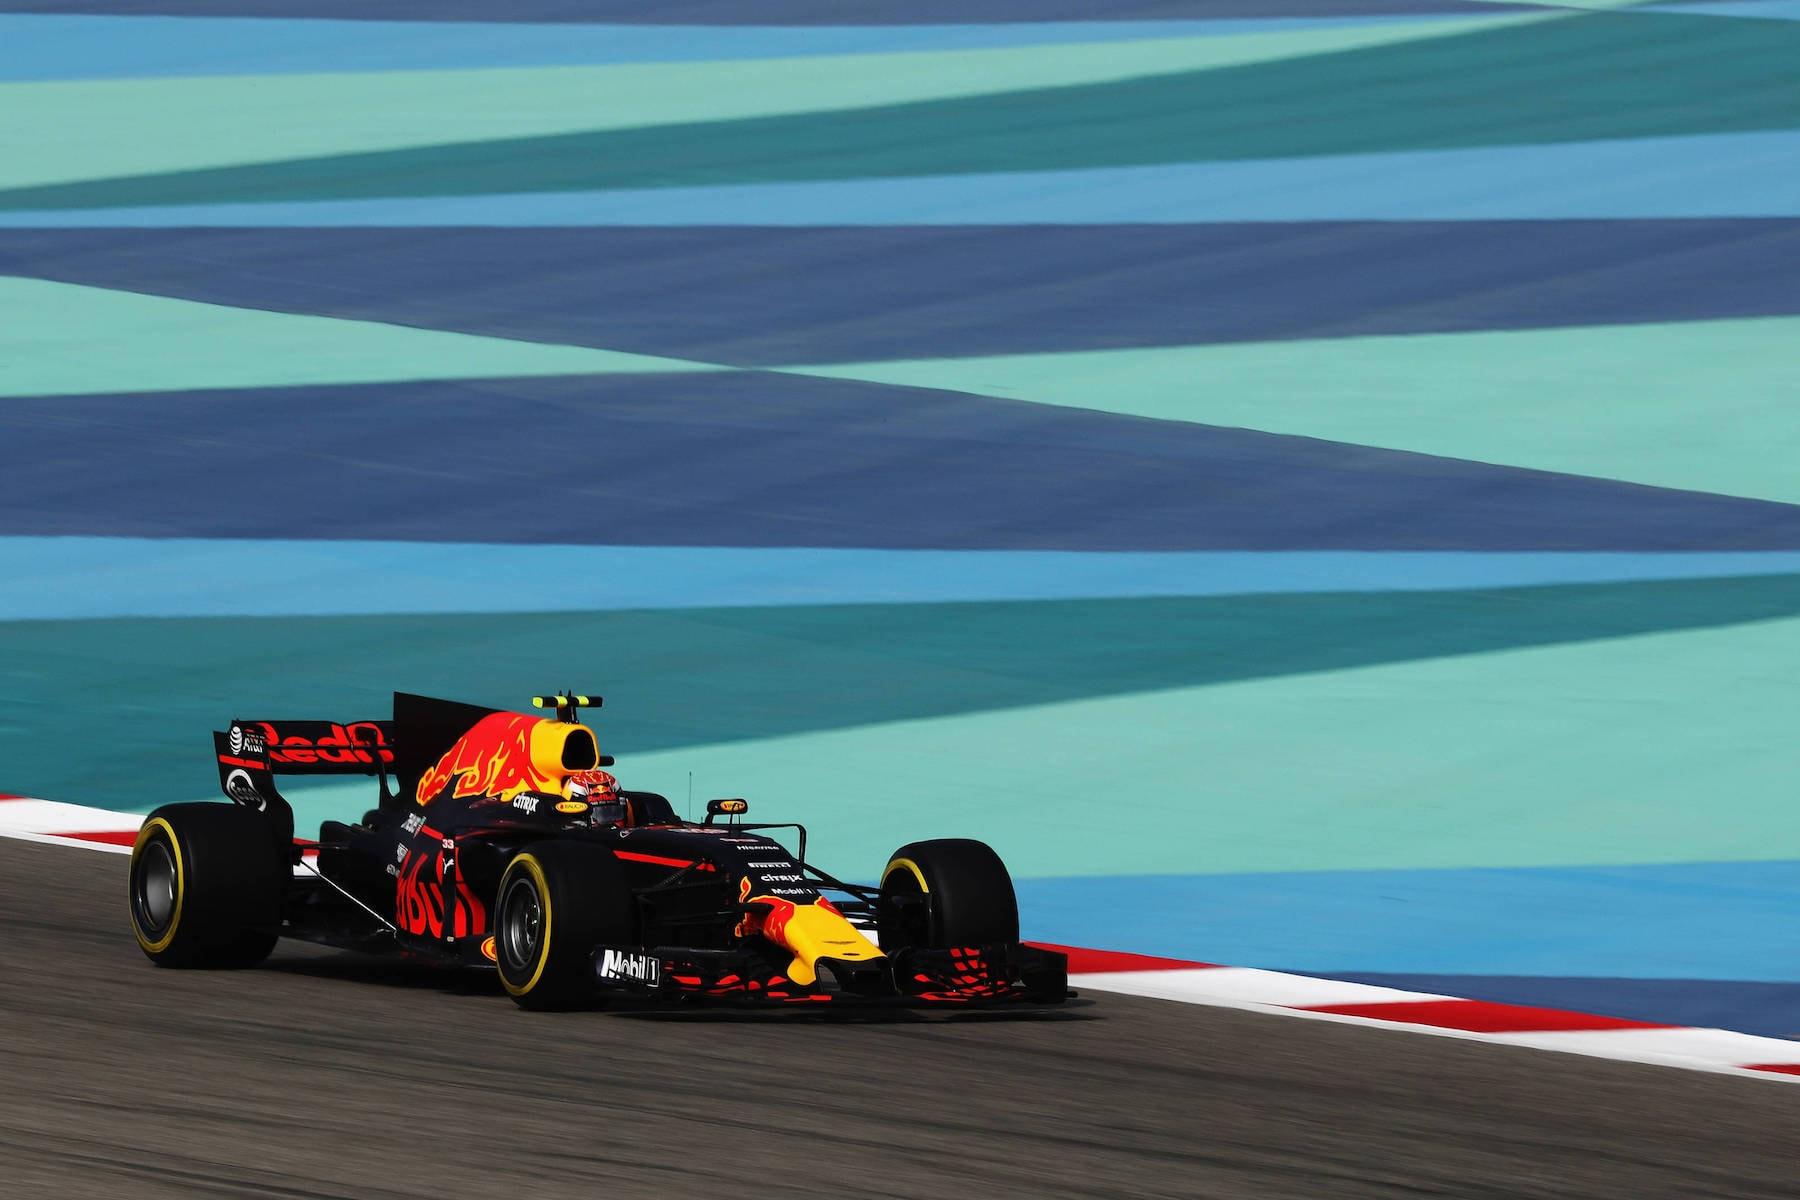 2017 Max Verstappen   Red Bull RB13   2017 Bahrain GP FP3 1 copy.jpg